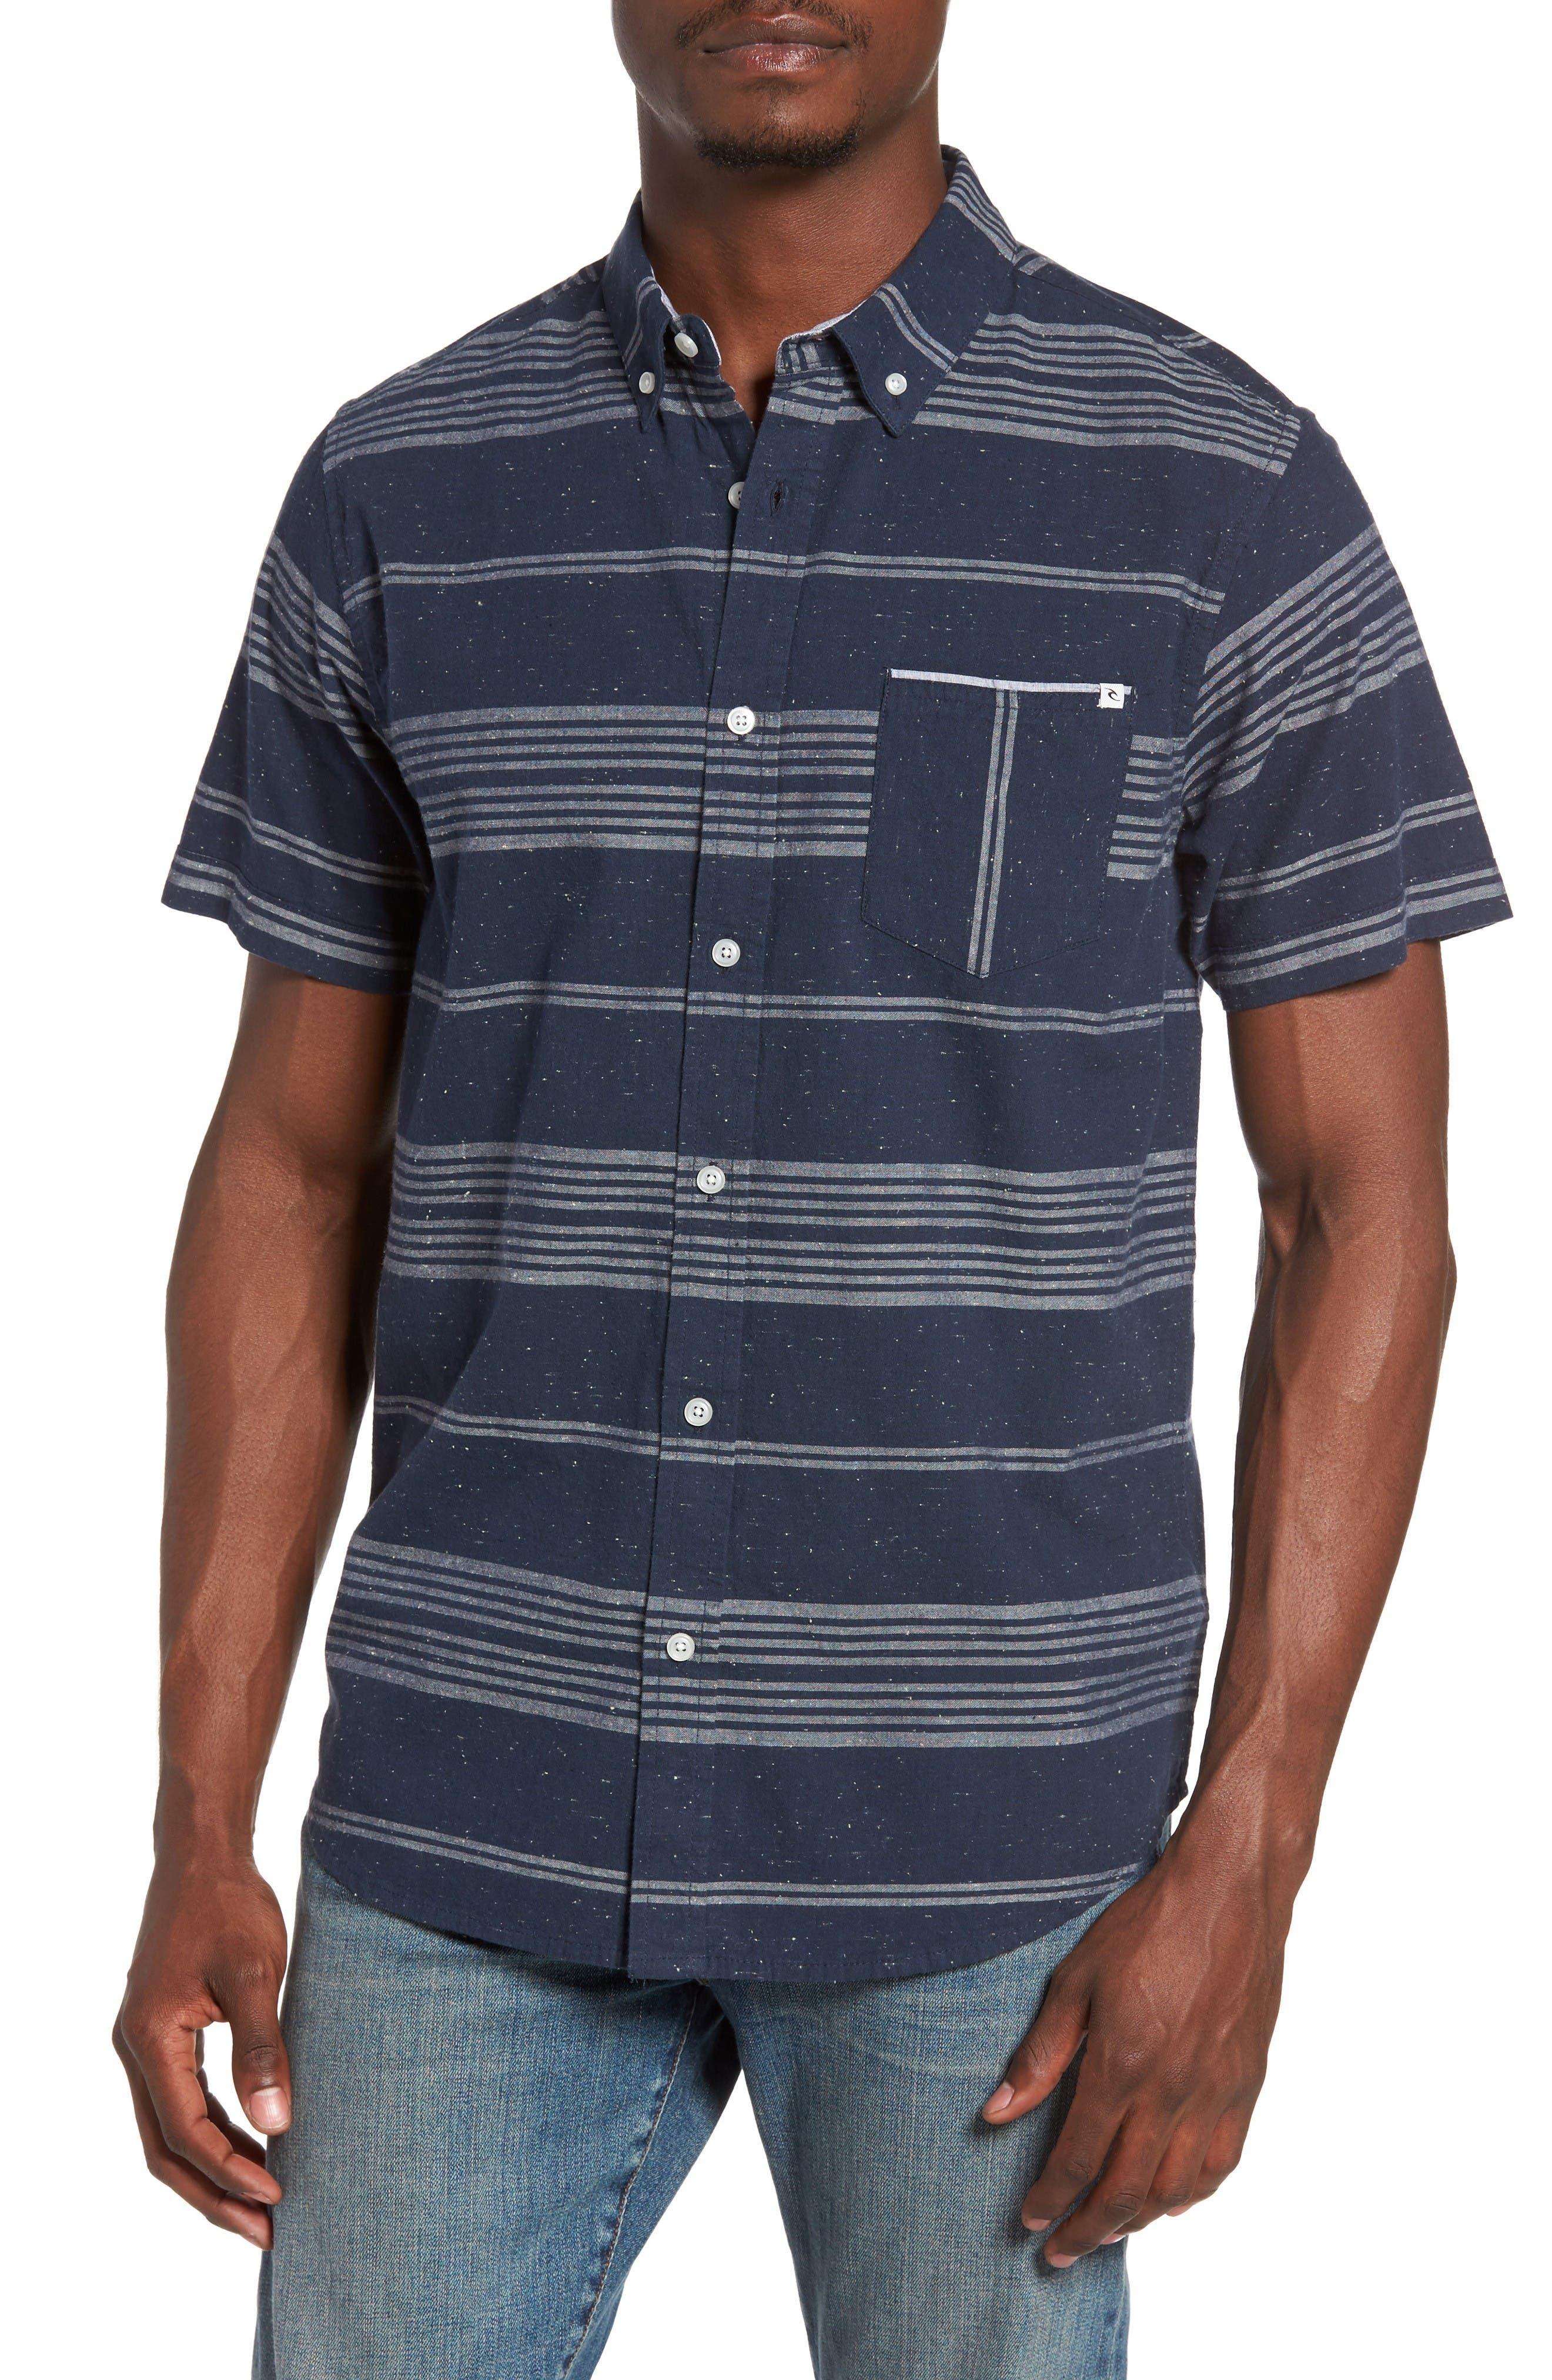 Rip Curl Lido Stripe Woven Shirt